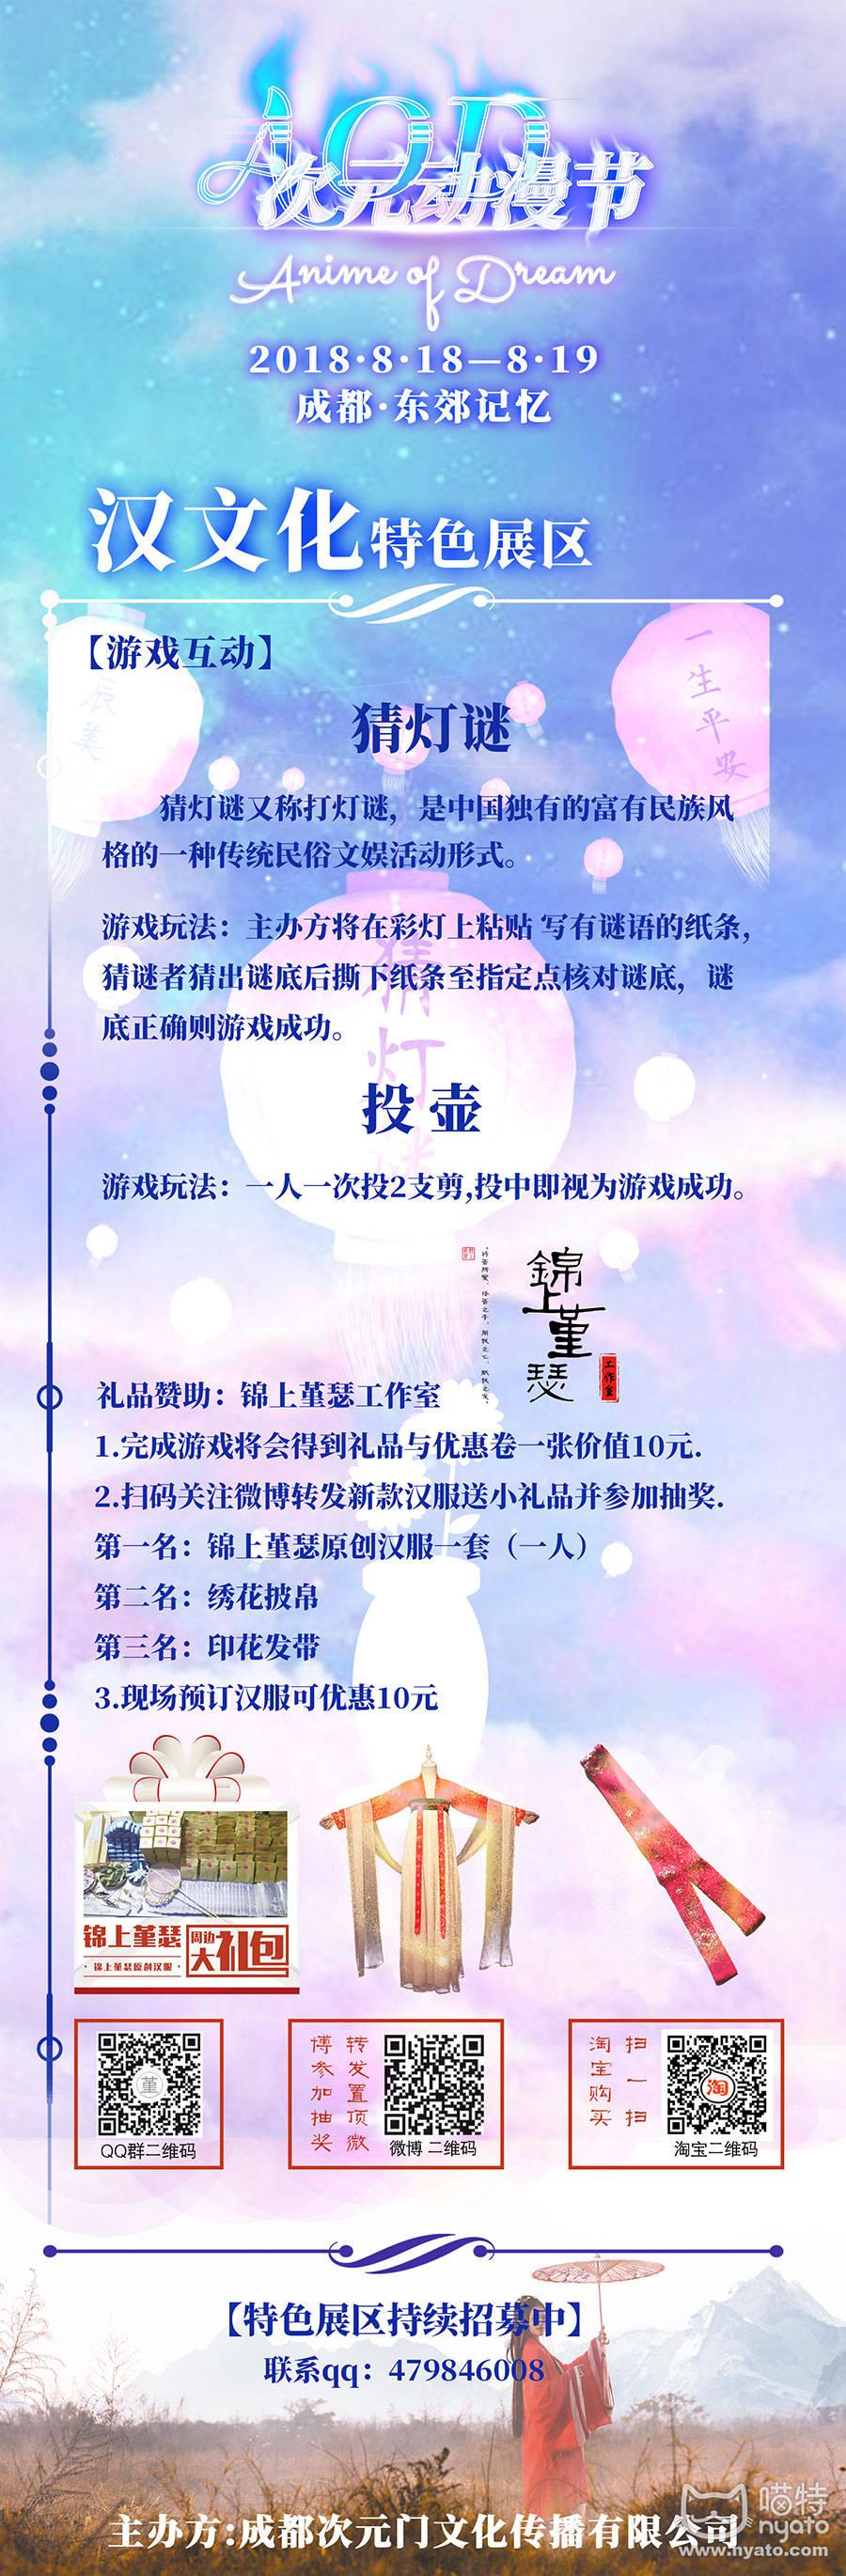 6汉文化专区锦上堇瑟.jpg